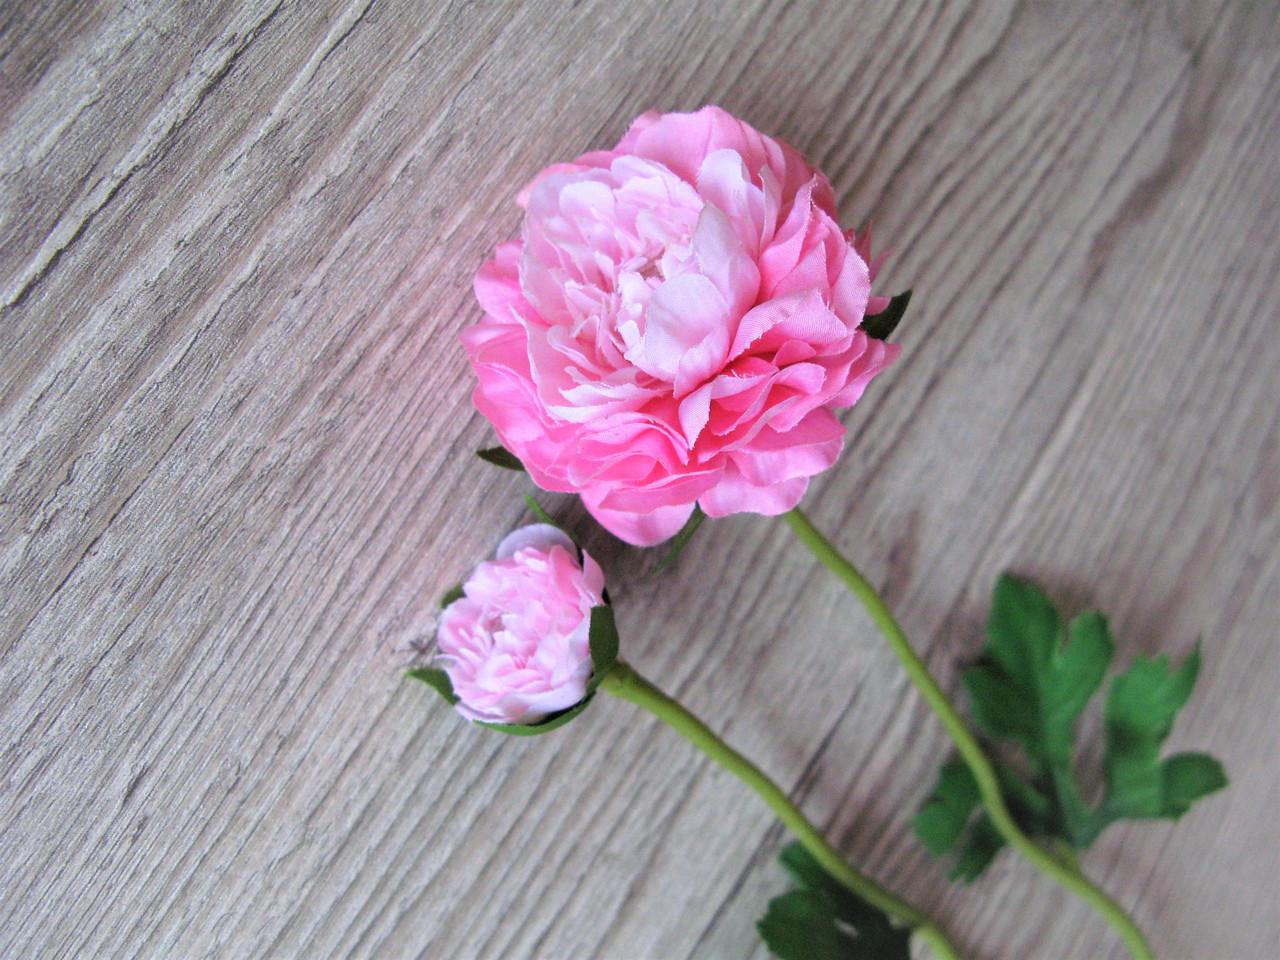 Рунункулюс (лютик) на стебле с бутоном нежно розовый